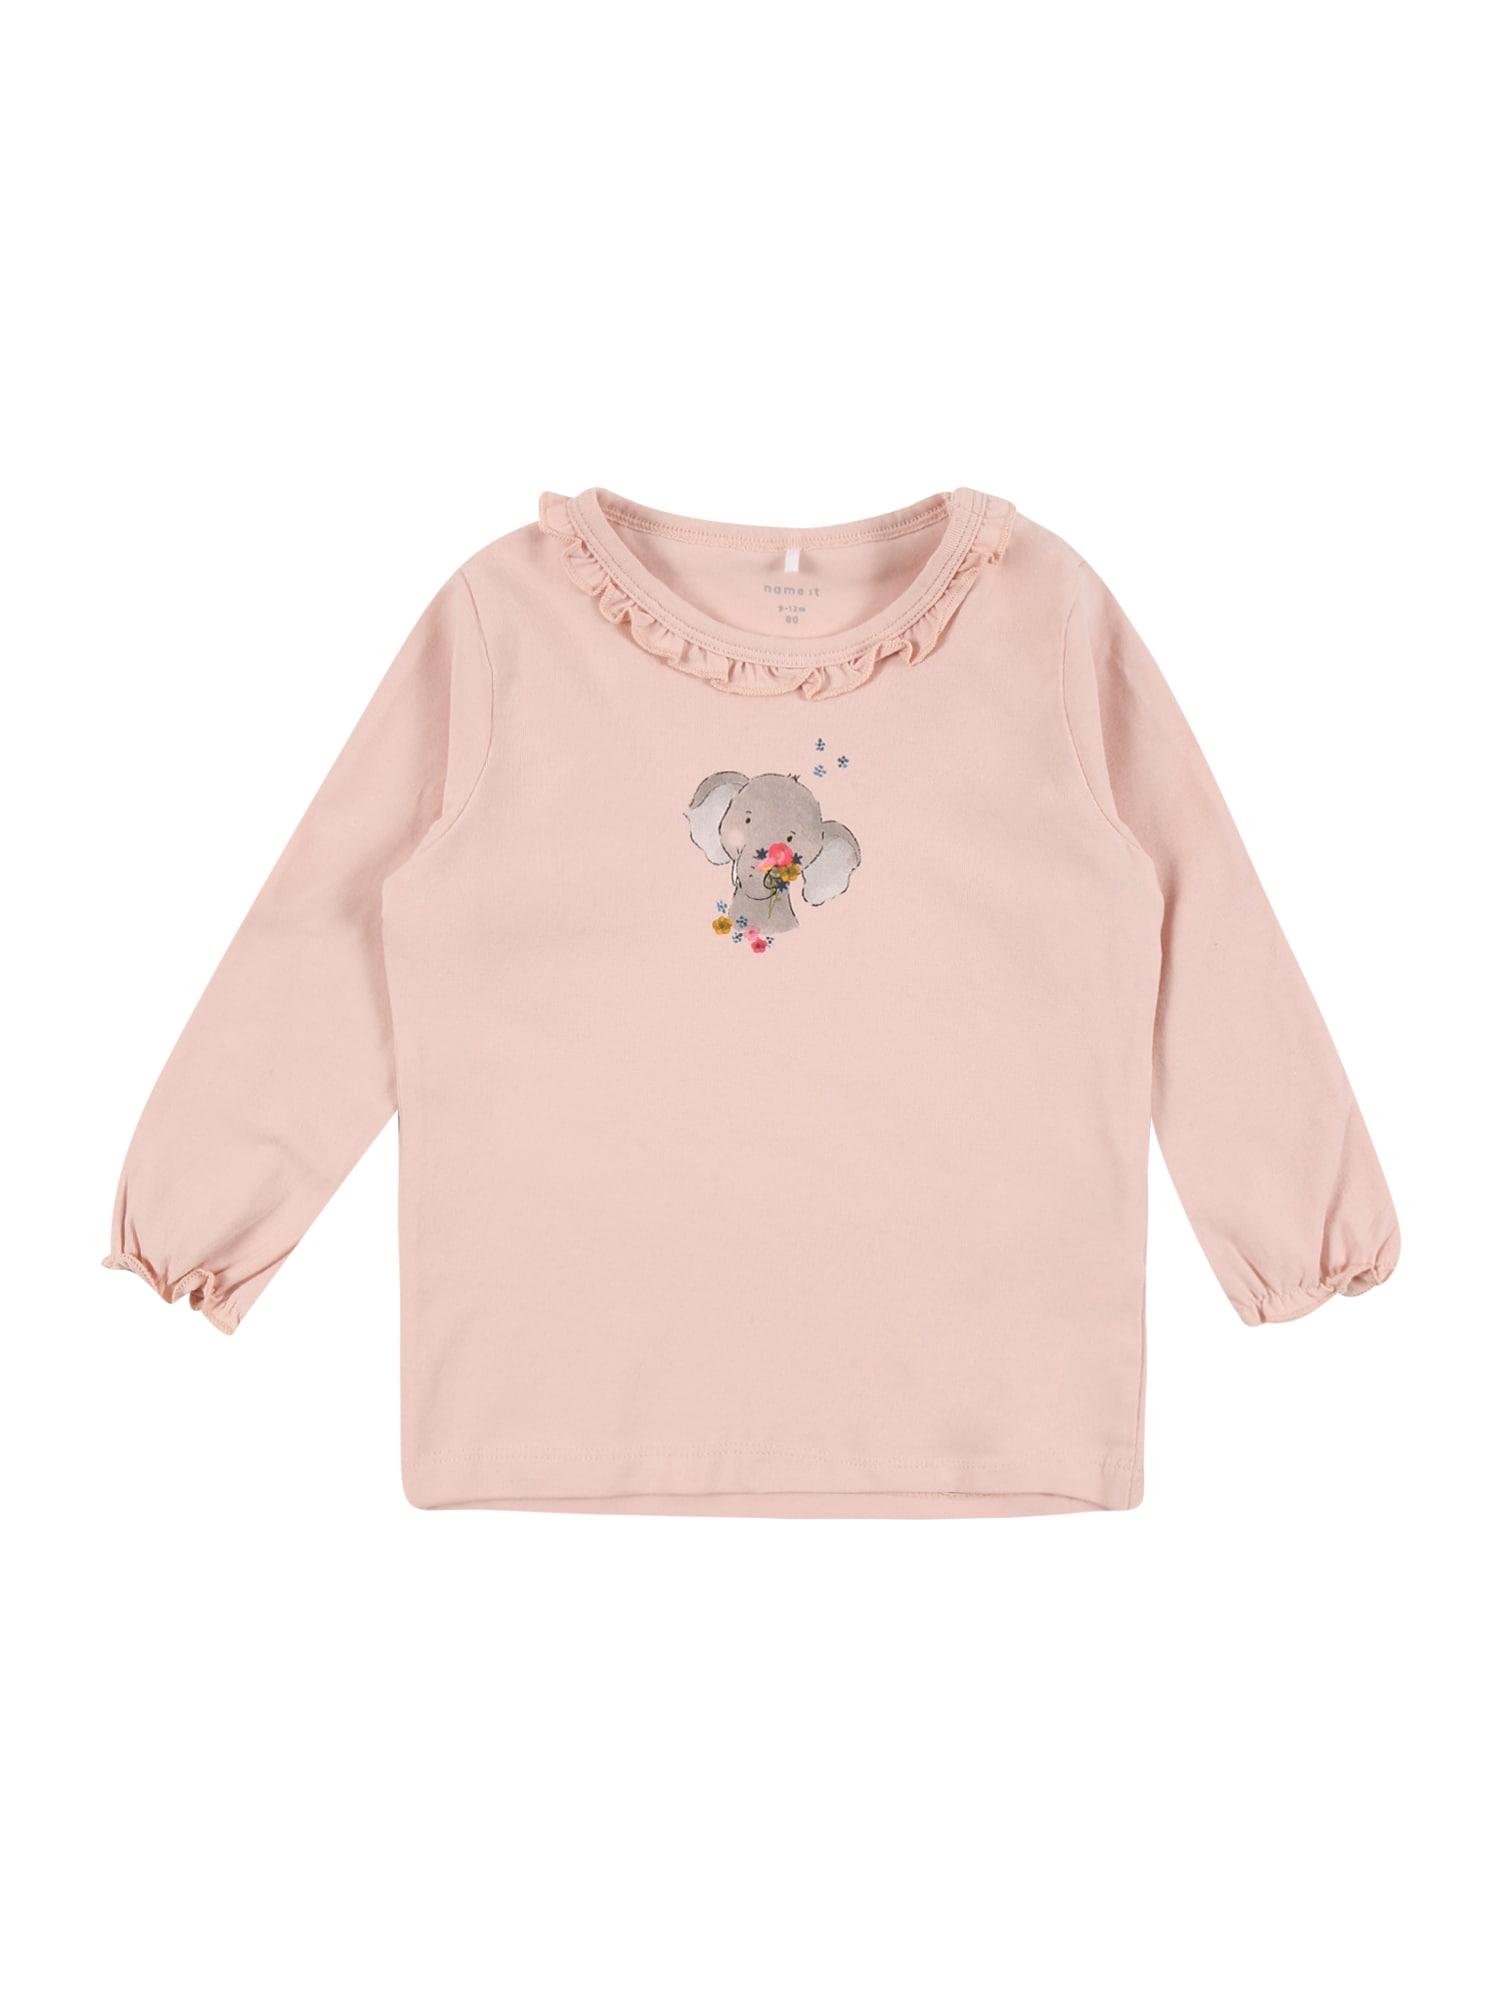 NAME IT Marškinėliai 'BERITA' akmens / ryškiai rožinė spalva / šviesiai rožinė / šviesiai pilka / tamsiai mėlyna jūros spalva